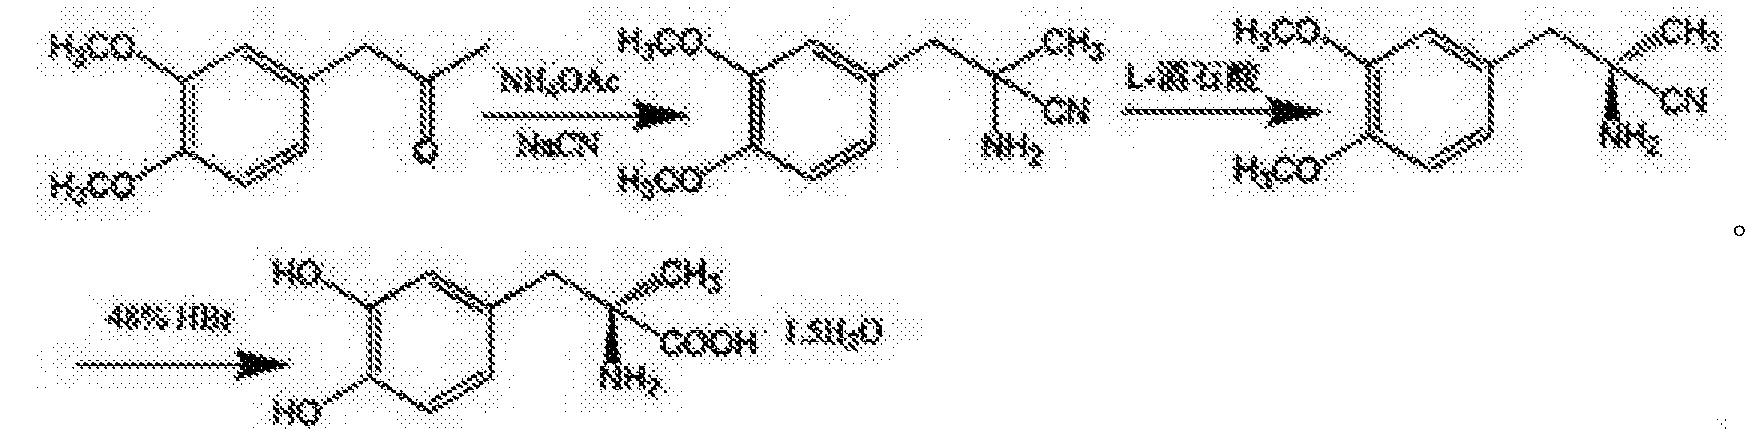 Figure CN105693541BD00033